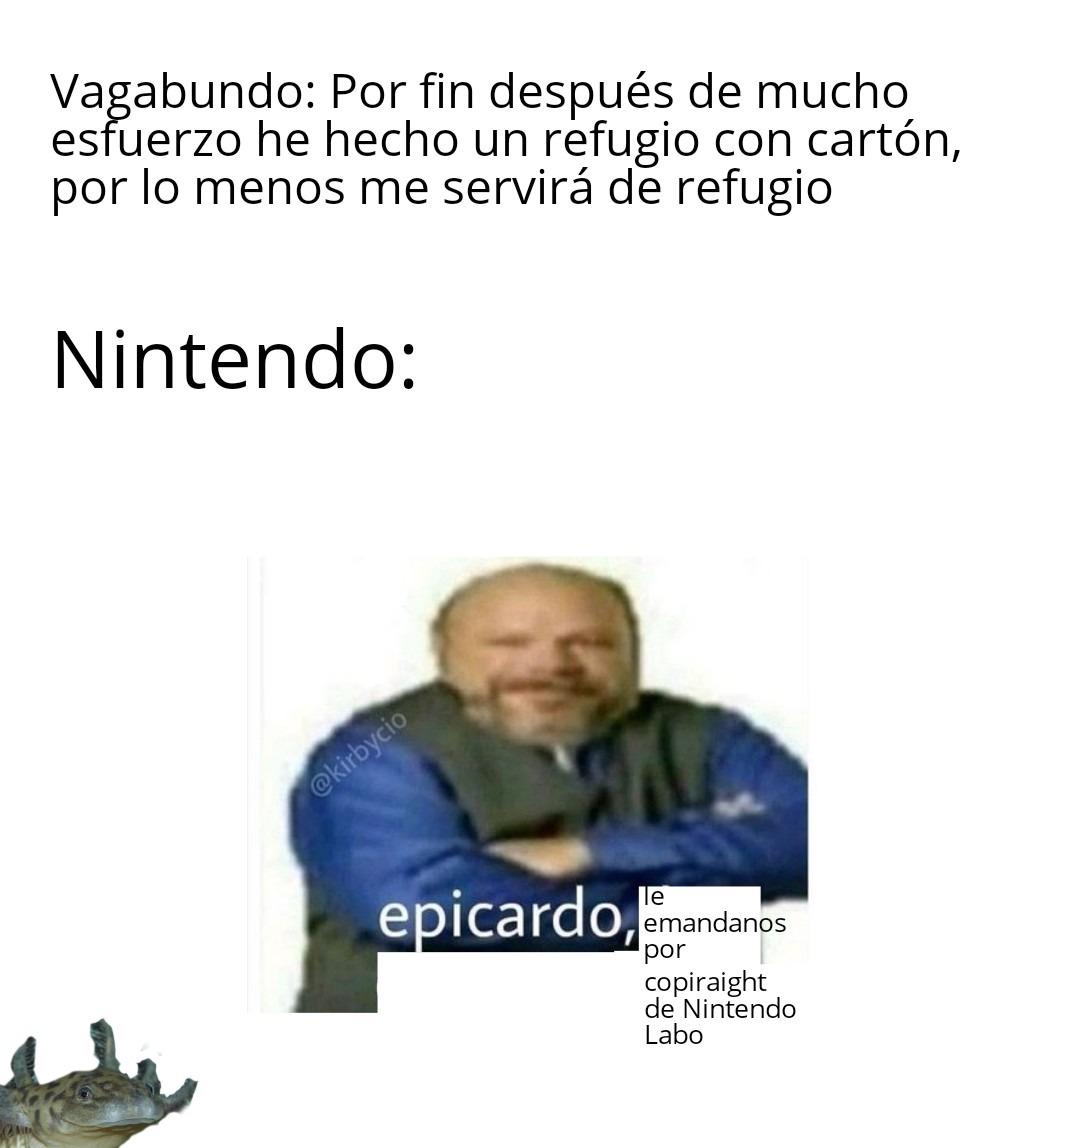 Nintendo ninteando otra vez - meme